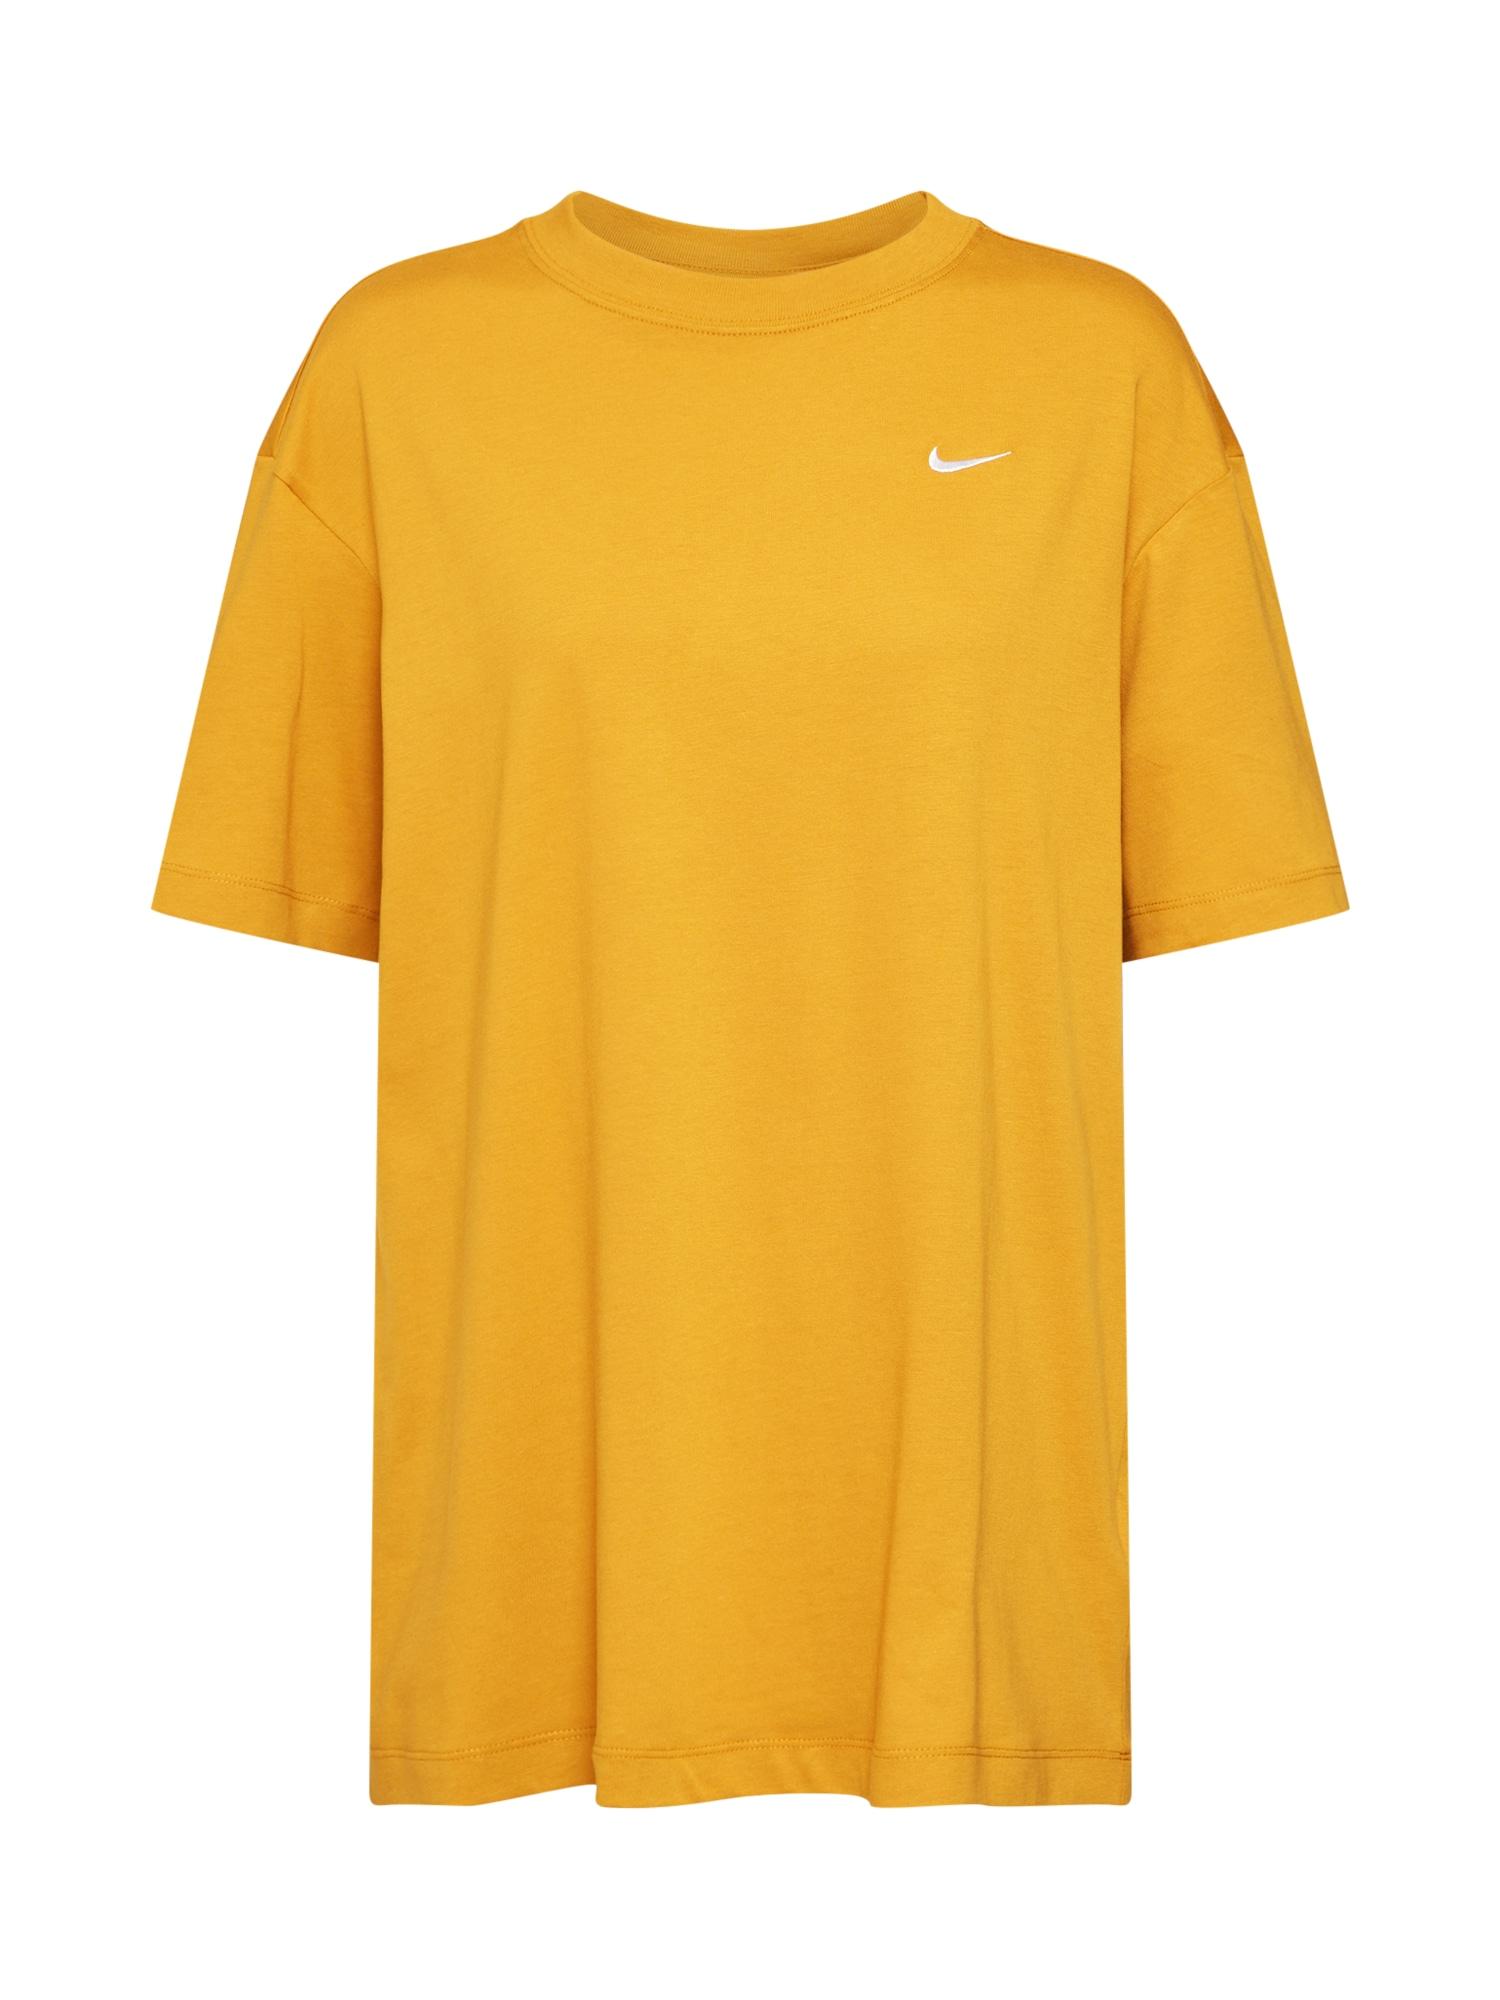 Oversized tričko ESSNTL zlatě žlutá Nike Sportswear